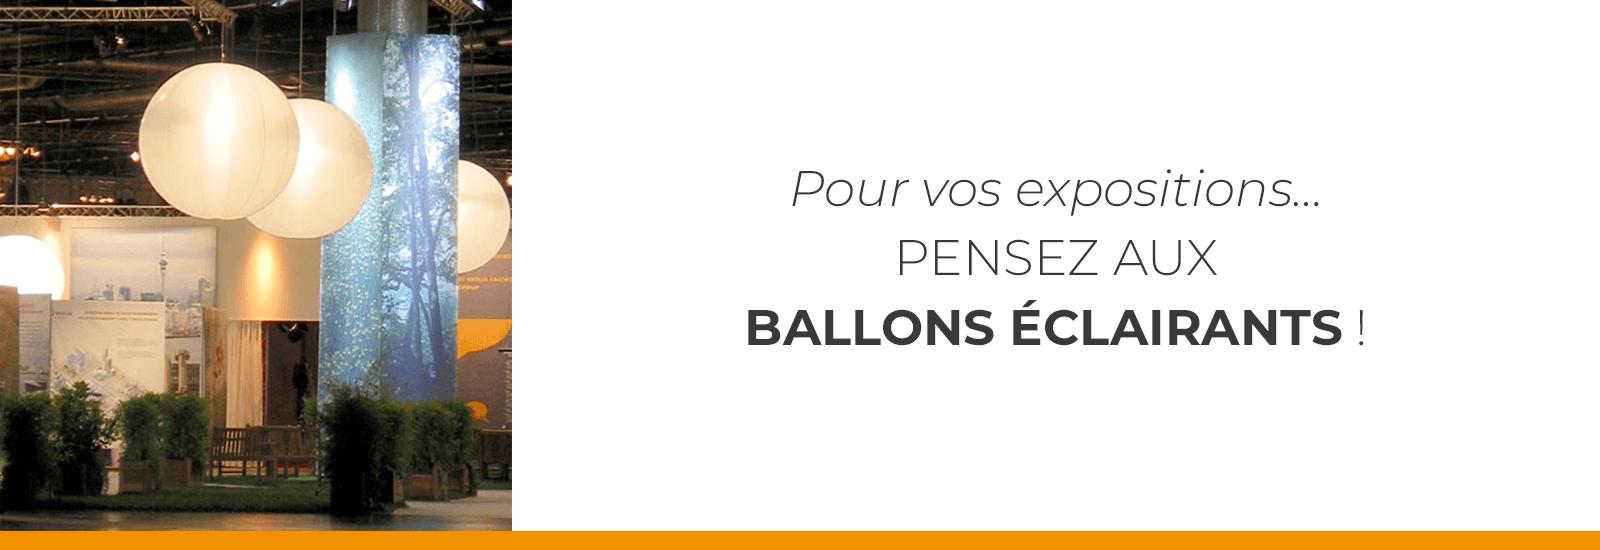 Enseigne haute pour vos expositions : Le Ballon éclairant !